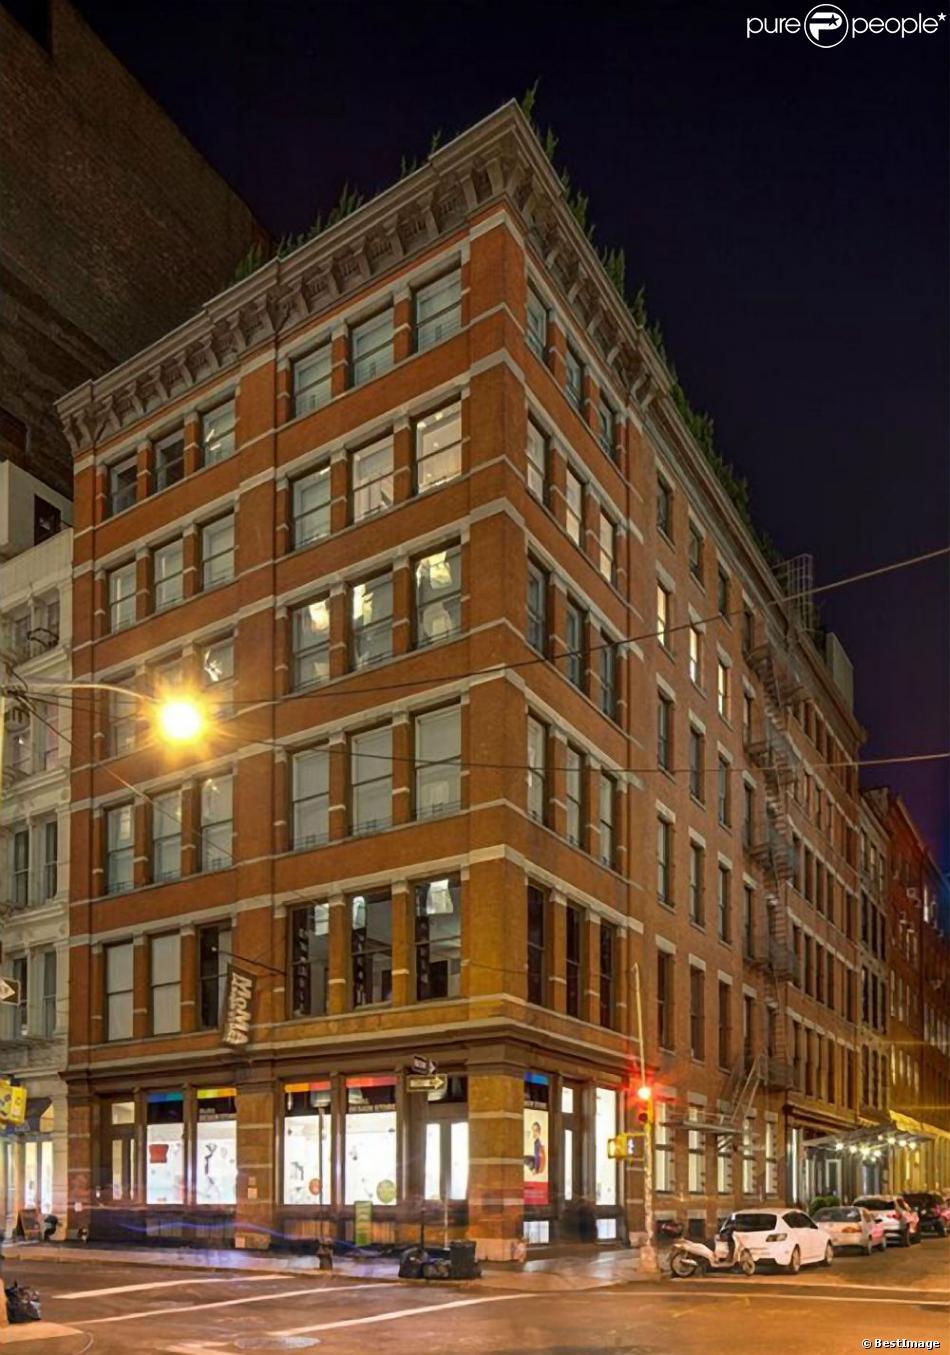 L 39 animatrice kelly ripa vend son appartement de new york pour 24 5 millions de dollars - Appartementmillions dollars new york ...